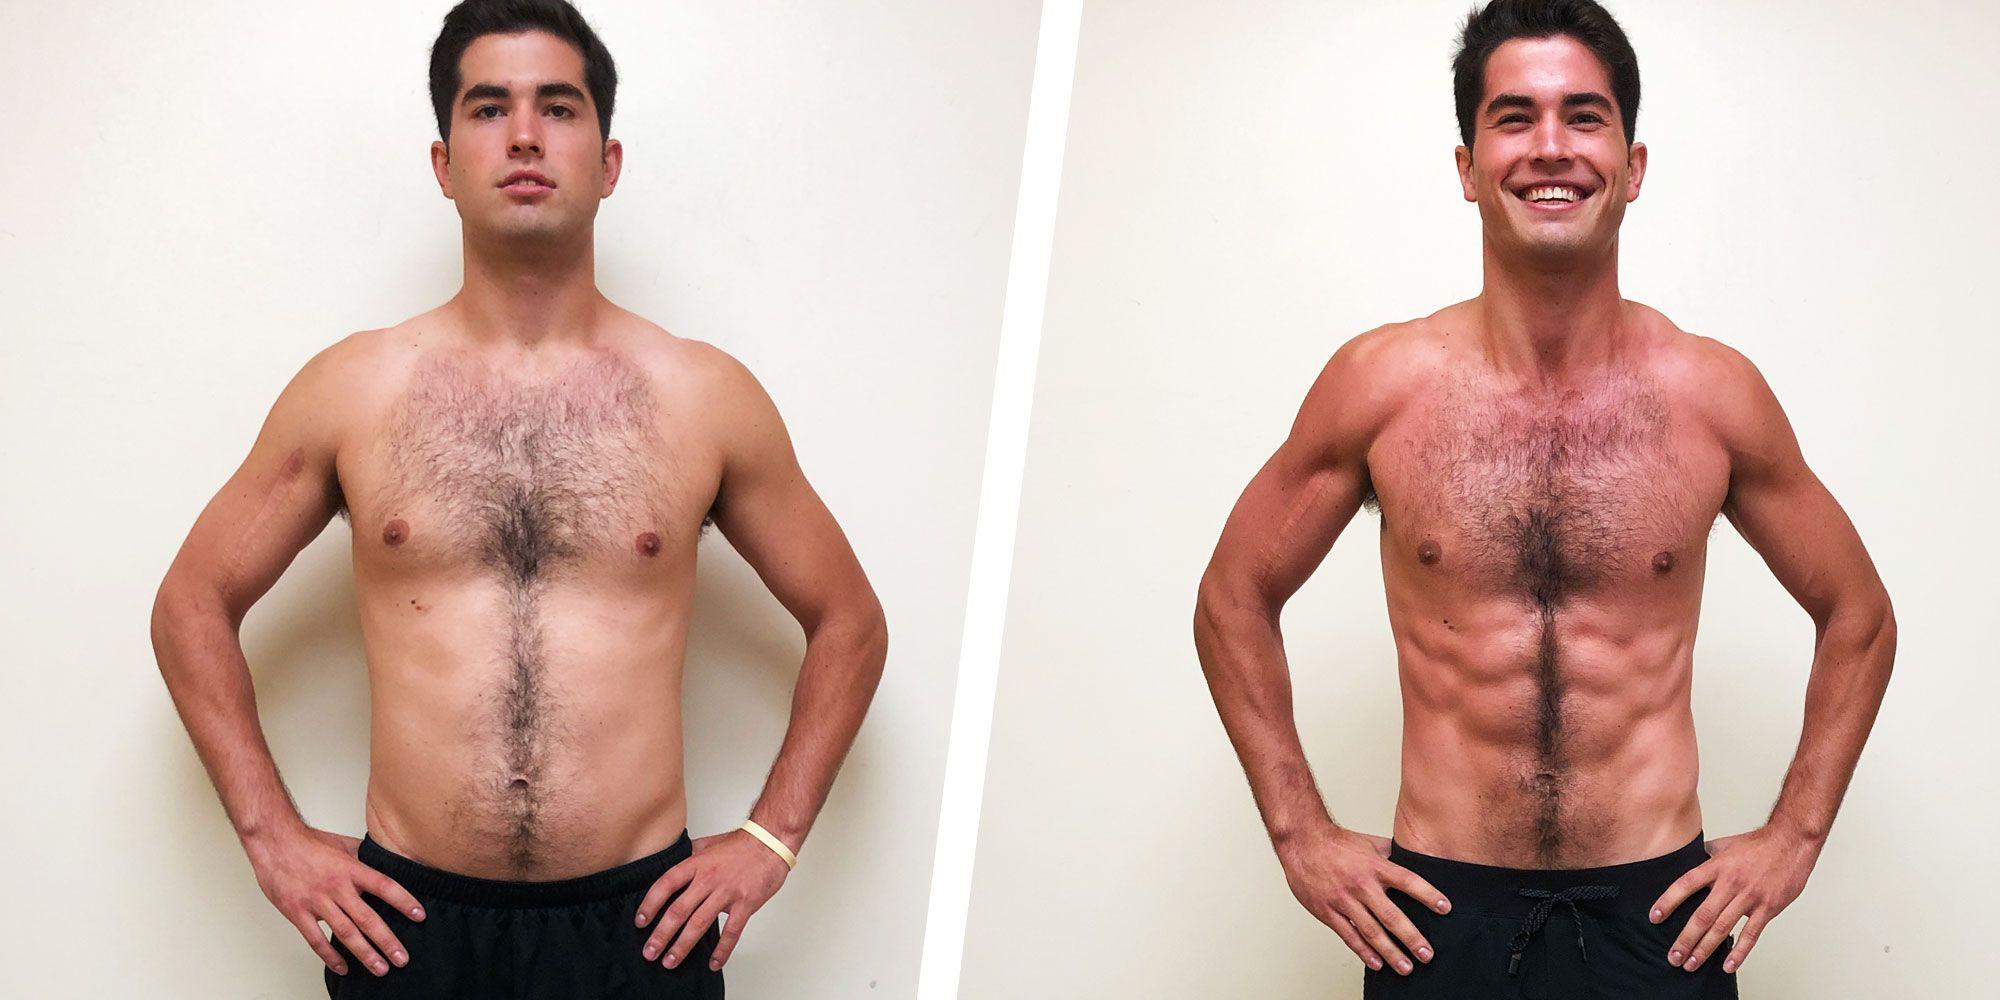 Small Tweaks to This Guy's Diet Helped Him Drop 7kg in 2 Months